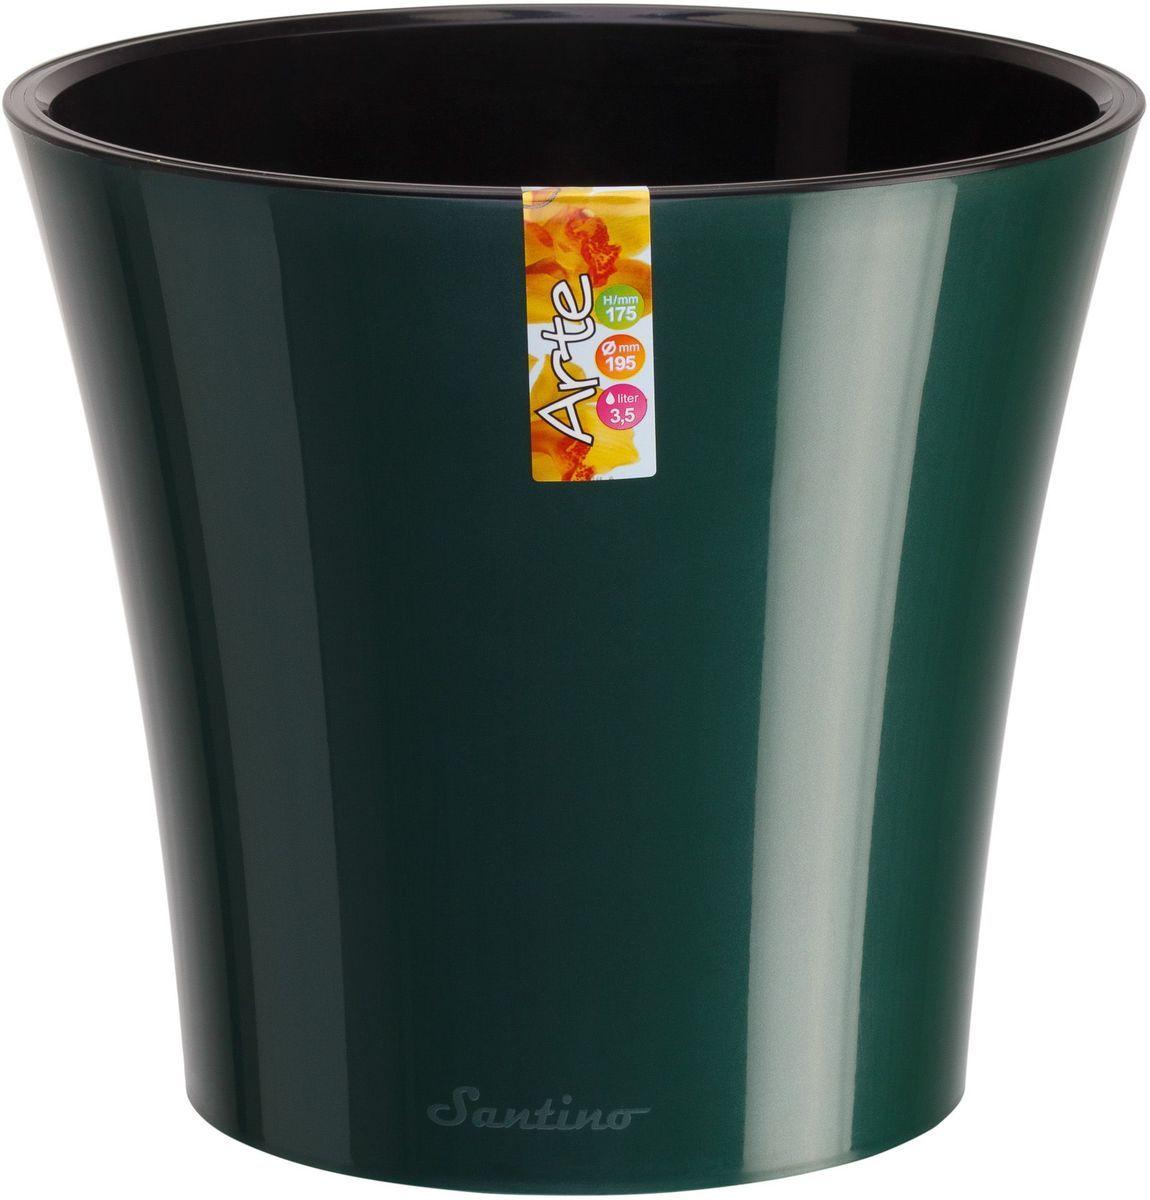 Горшок цветочный Santino Арте, двойной, с системой автополива, цвет: зеленый, черный, 5 лАРТ 5 ЗЕЛ-ЧСистем автополива - гарантия здоровья ваших цветов. Экономия времени - решение для самых занятых. Чистота и удобство - нет протекания воды при поливе. Здоровые корини - нет застаивания корней в воде. Оптимальный рост - корни обеспечены циркуляцией воздуха.